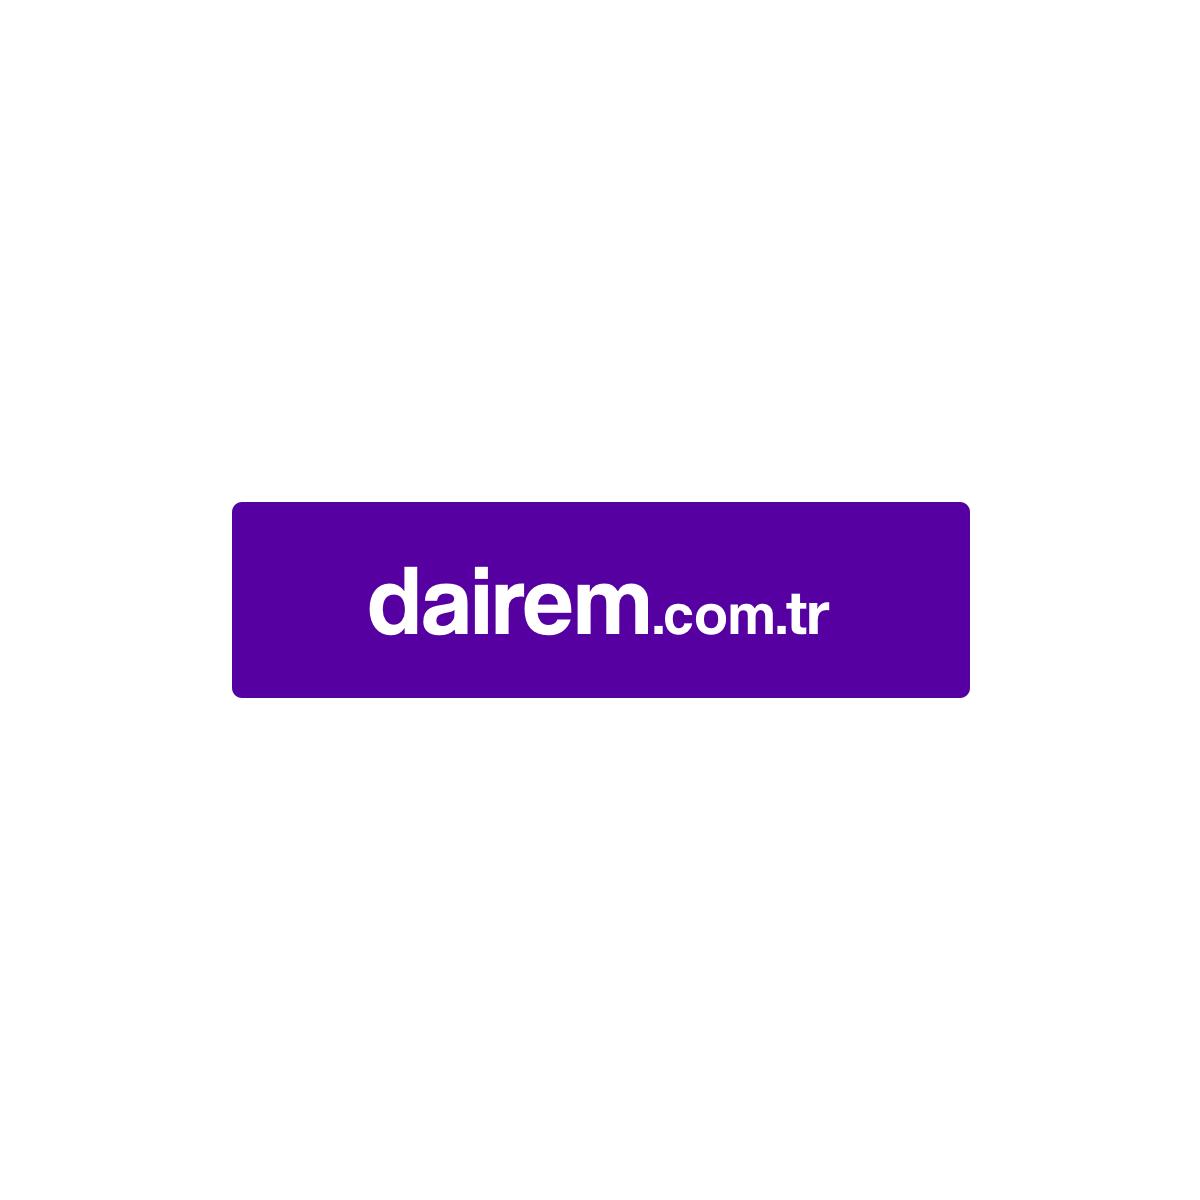 Dairem.com